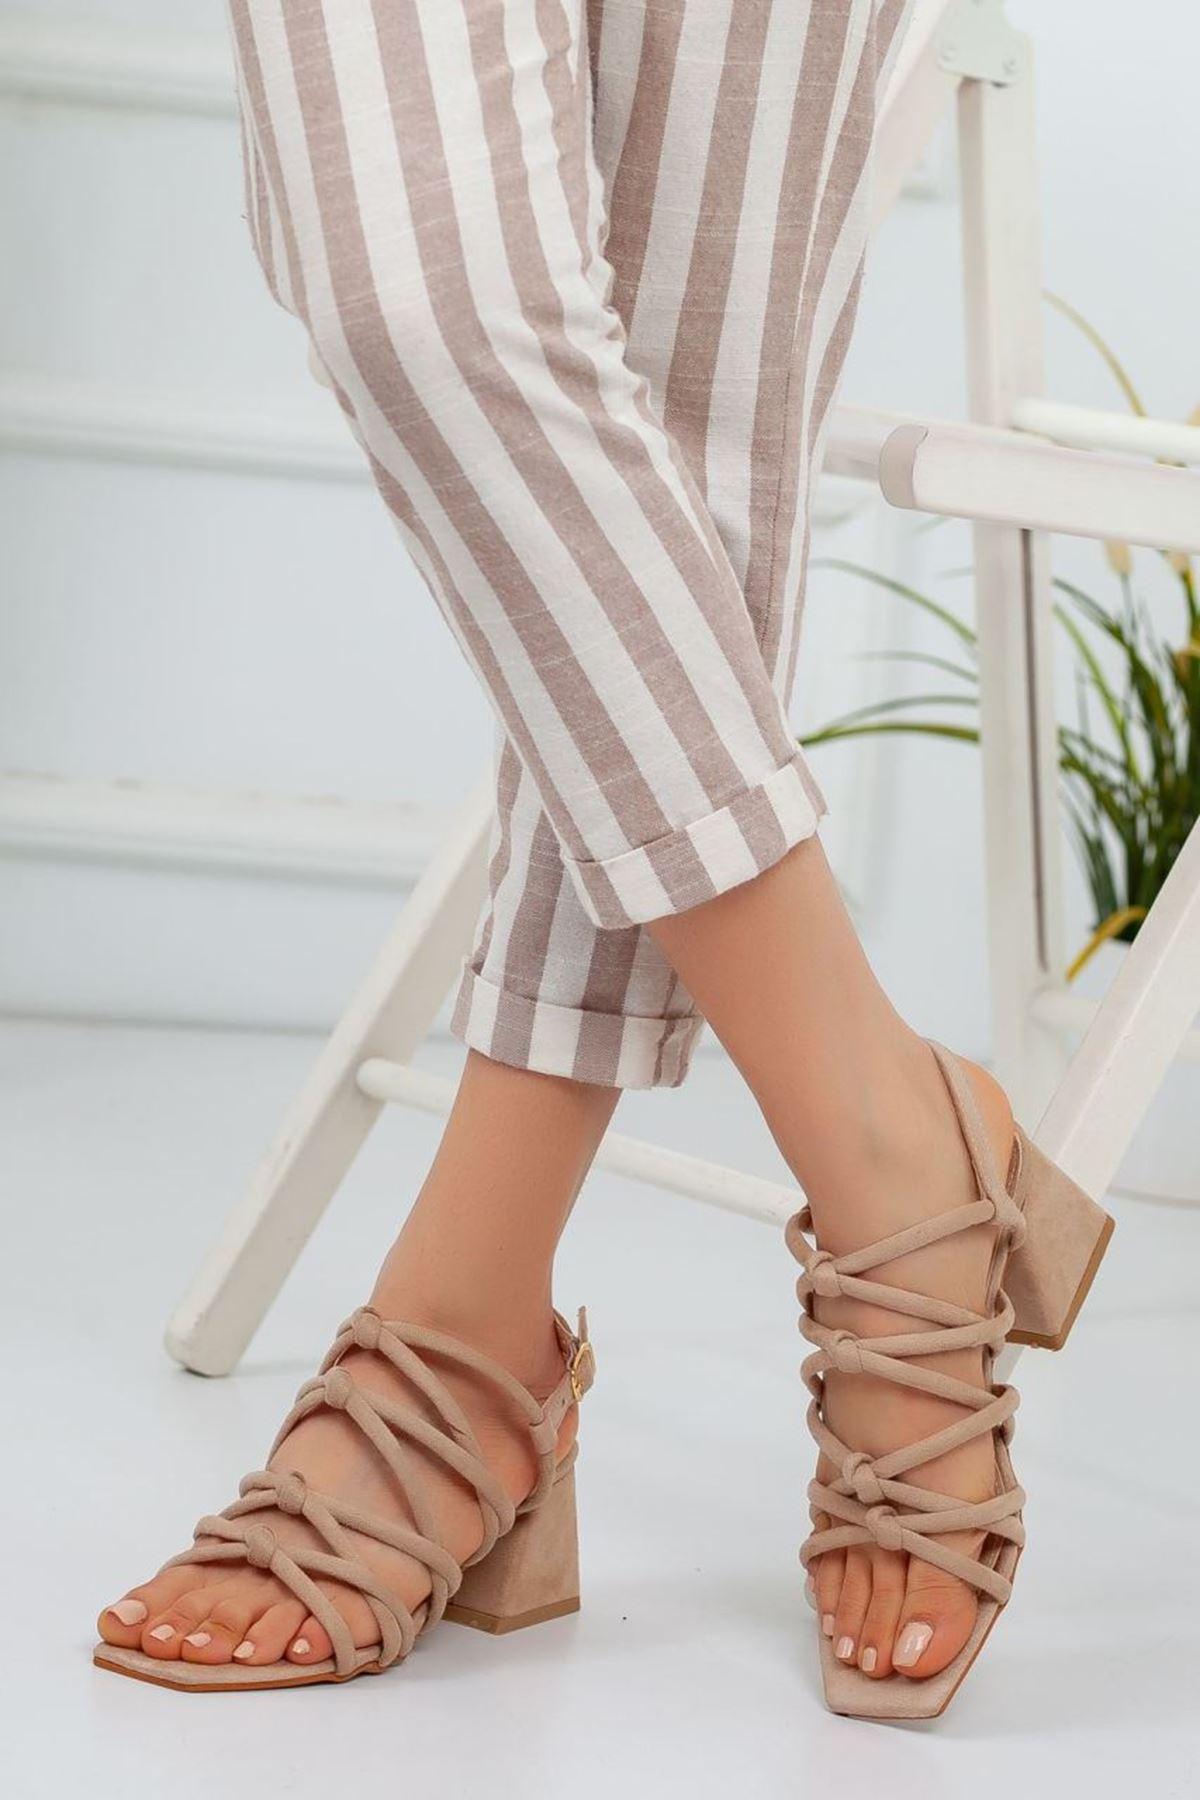 Kadın Dante Kısa Topuklu Ayakkabı Vizon Süet